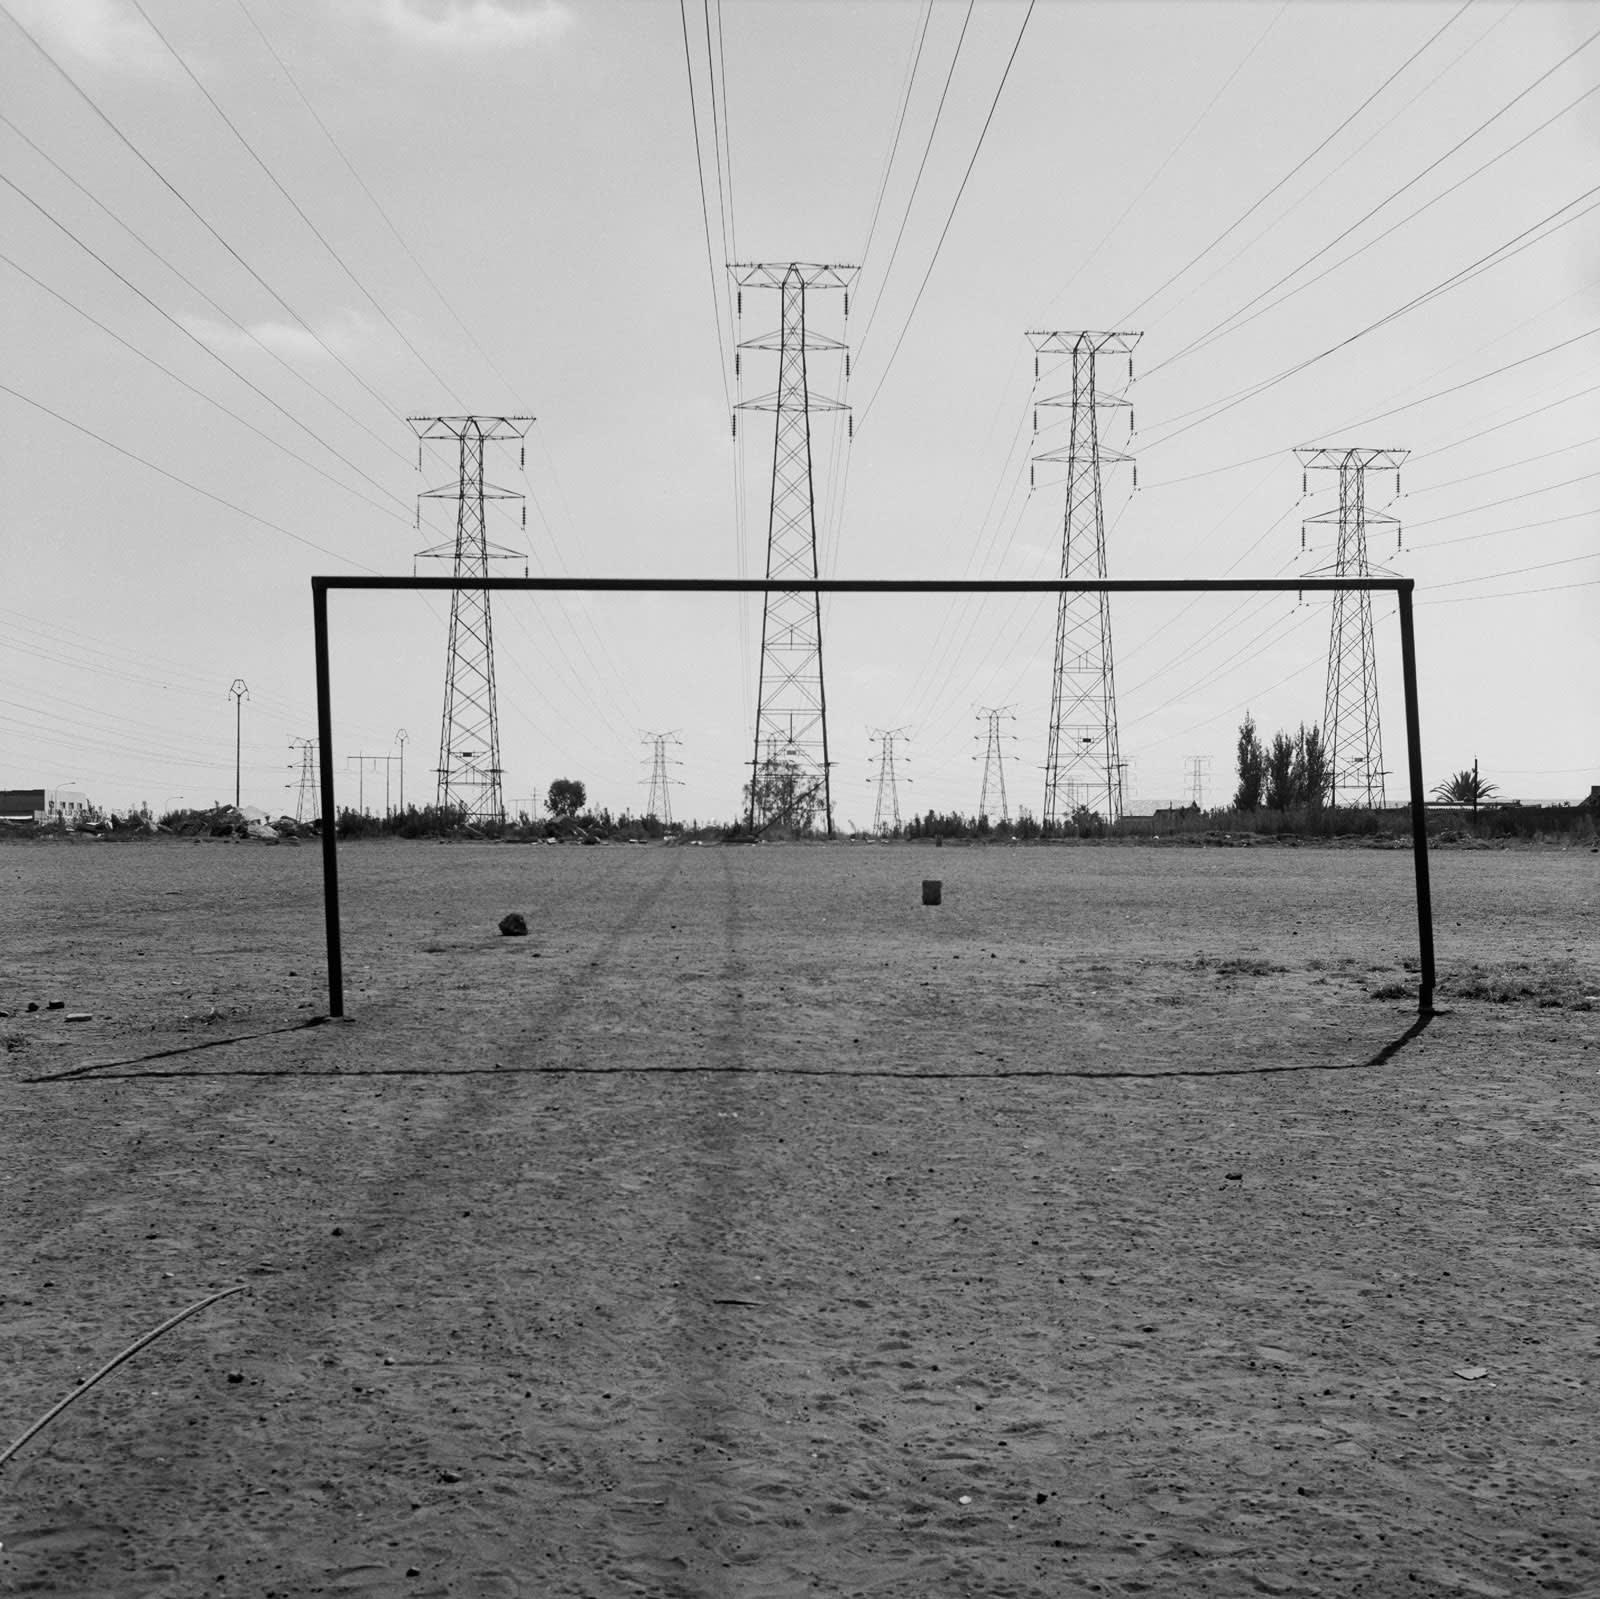 Pierre Schwartz, Soweto #2, Afrique du Sud, 1998